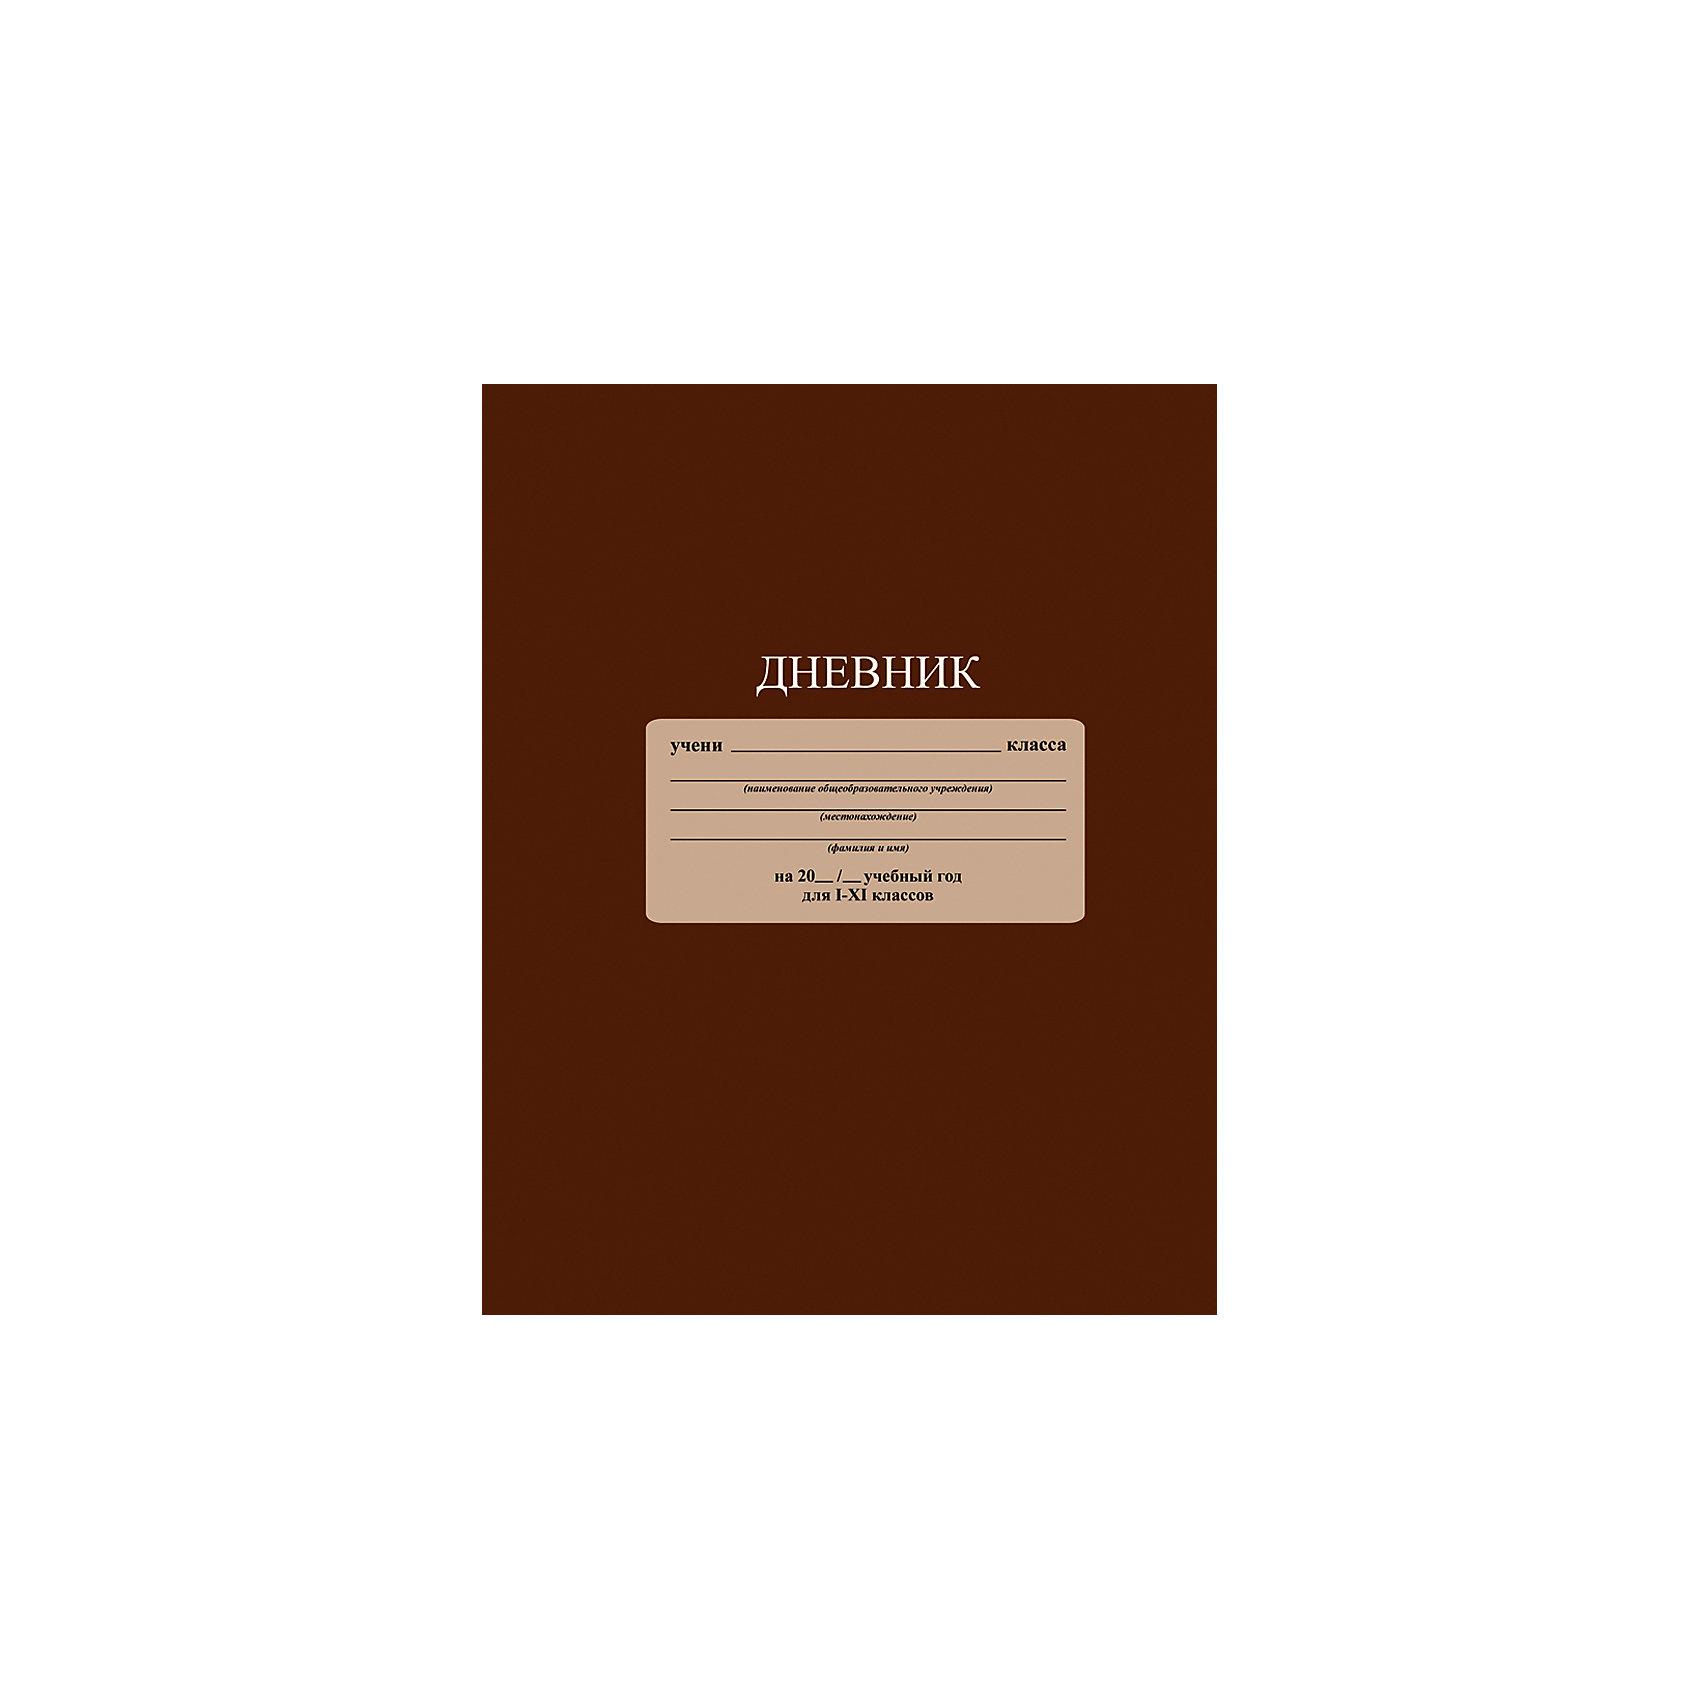 Дневник  Шоколадный. Формат А5, твердая обложка 7БЦ,  с глянцевой ламинацией.Бумажная продукция<br>Характеристики товара:<br><br>• возраст: от 6 лет;<br>• цвет: шоколадный;<br>• формат: А5;<br>• количество листов: 48;<br>• разметка: в линейку;<br>• бумага: офсетная;<br>• переплет: твердый;<br>• обложка: твердый картон с ламинацией;<br>• размер: 21,7х17х0,5 см.;<br>• вес: 200 гр.;<br>• страна бренда: Россия;<br>• страна изготовитель: Россия.<br><br>Дневник «Шоколадный». Формат А5, твердая обложка 7БЦ,  с глянцевой ламинацией. Незапечатанный форзац. Школьный дневник 1-11 классы, имеет сшитый внутренний блок, состоящий из 48 листов белой бумаги (плотность 65 г/кв.м.) с линовкой. Крепкий твердый переплет 7БЦ сохранит внешний вид дневника на весь учебный год. Дневник имеет однотонную обложку и белый форзац со справочной информацией. Обложка дневника изготовлена с глянцевой ламинацией.<br><br>Дневник - это первый ежедневник вашего ребенка. Он поможет ему не забыть свои задания, а вы всегда сможете проконтролировать его успеваемость.<br><br>Дневник «Шоколадный». Формат А5, твердая обложка 7БЦ,  с глянцевой ламинацией. Незапечатанный форзац. , 48 листов, можно купить в нашем интернет-магазине.<br><br>Ширина мм: 217<br>Глубина мм: 170<br>Высота мм: 7<br>Вес г: 208<br>Возраст от месяцев: 36<br>Возраст до месяцев: 216<br>Пол: Унисекс<br>Возраст: Детский<br>SKU: 6992547